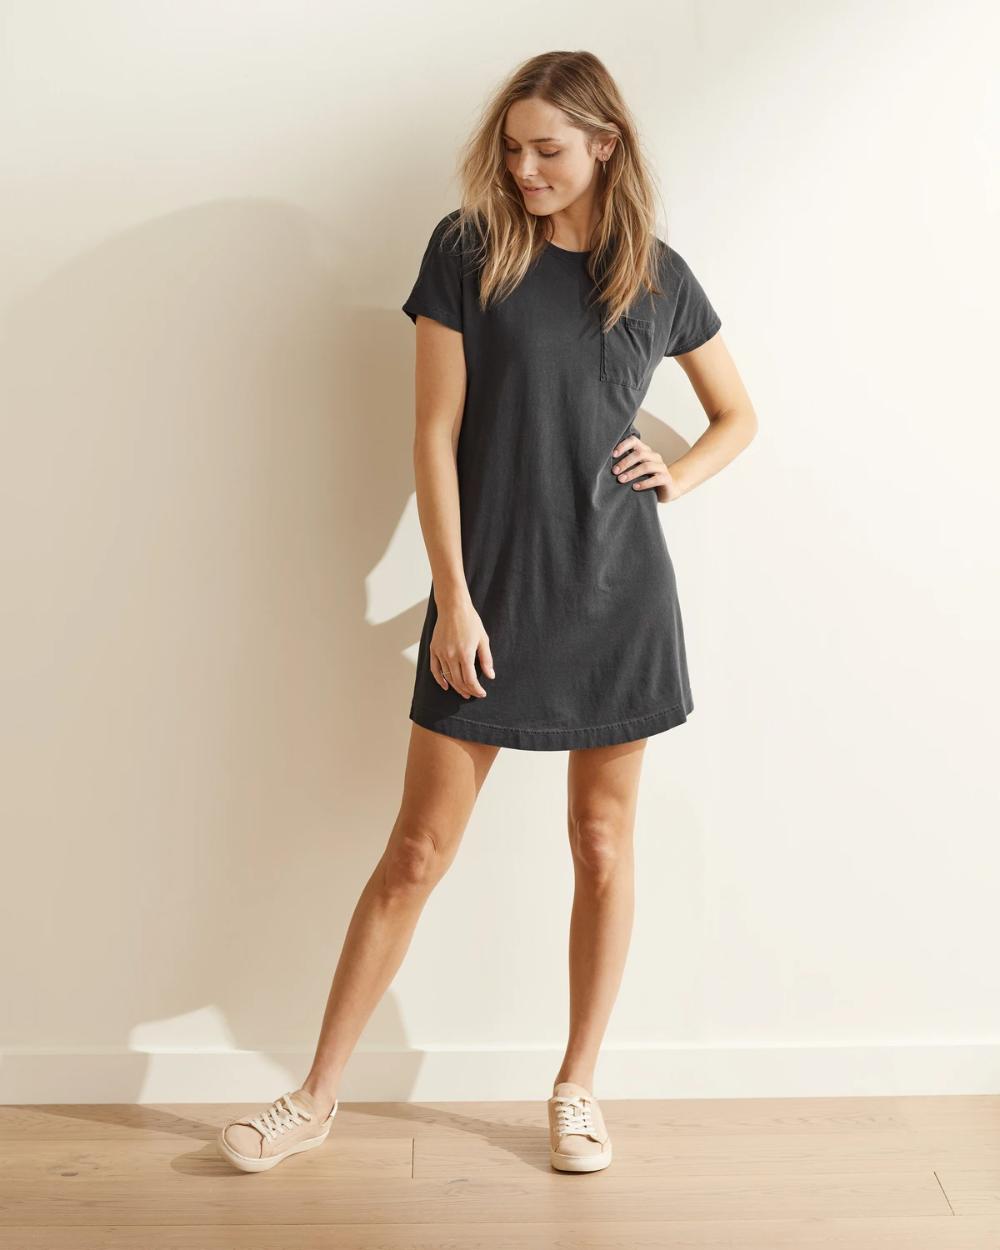 Perfect T Shirt Dress Shirt Dress Summer Tshirt Dress Dresses [ 1250 x 1000 Pixel ]